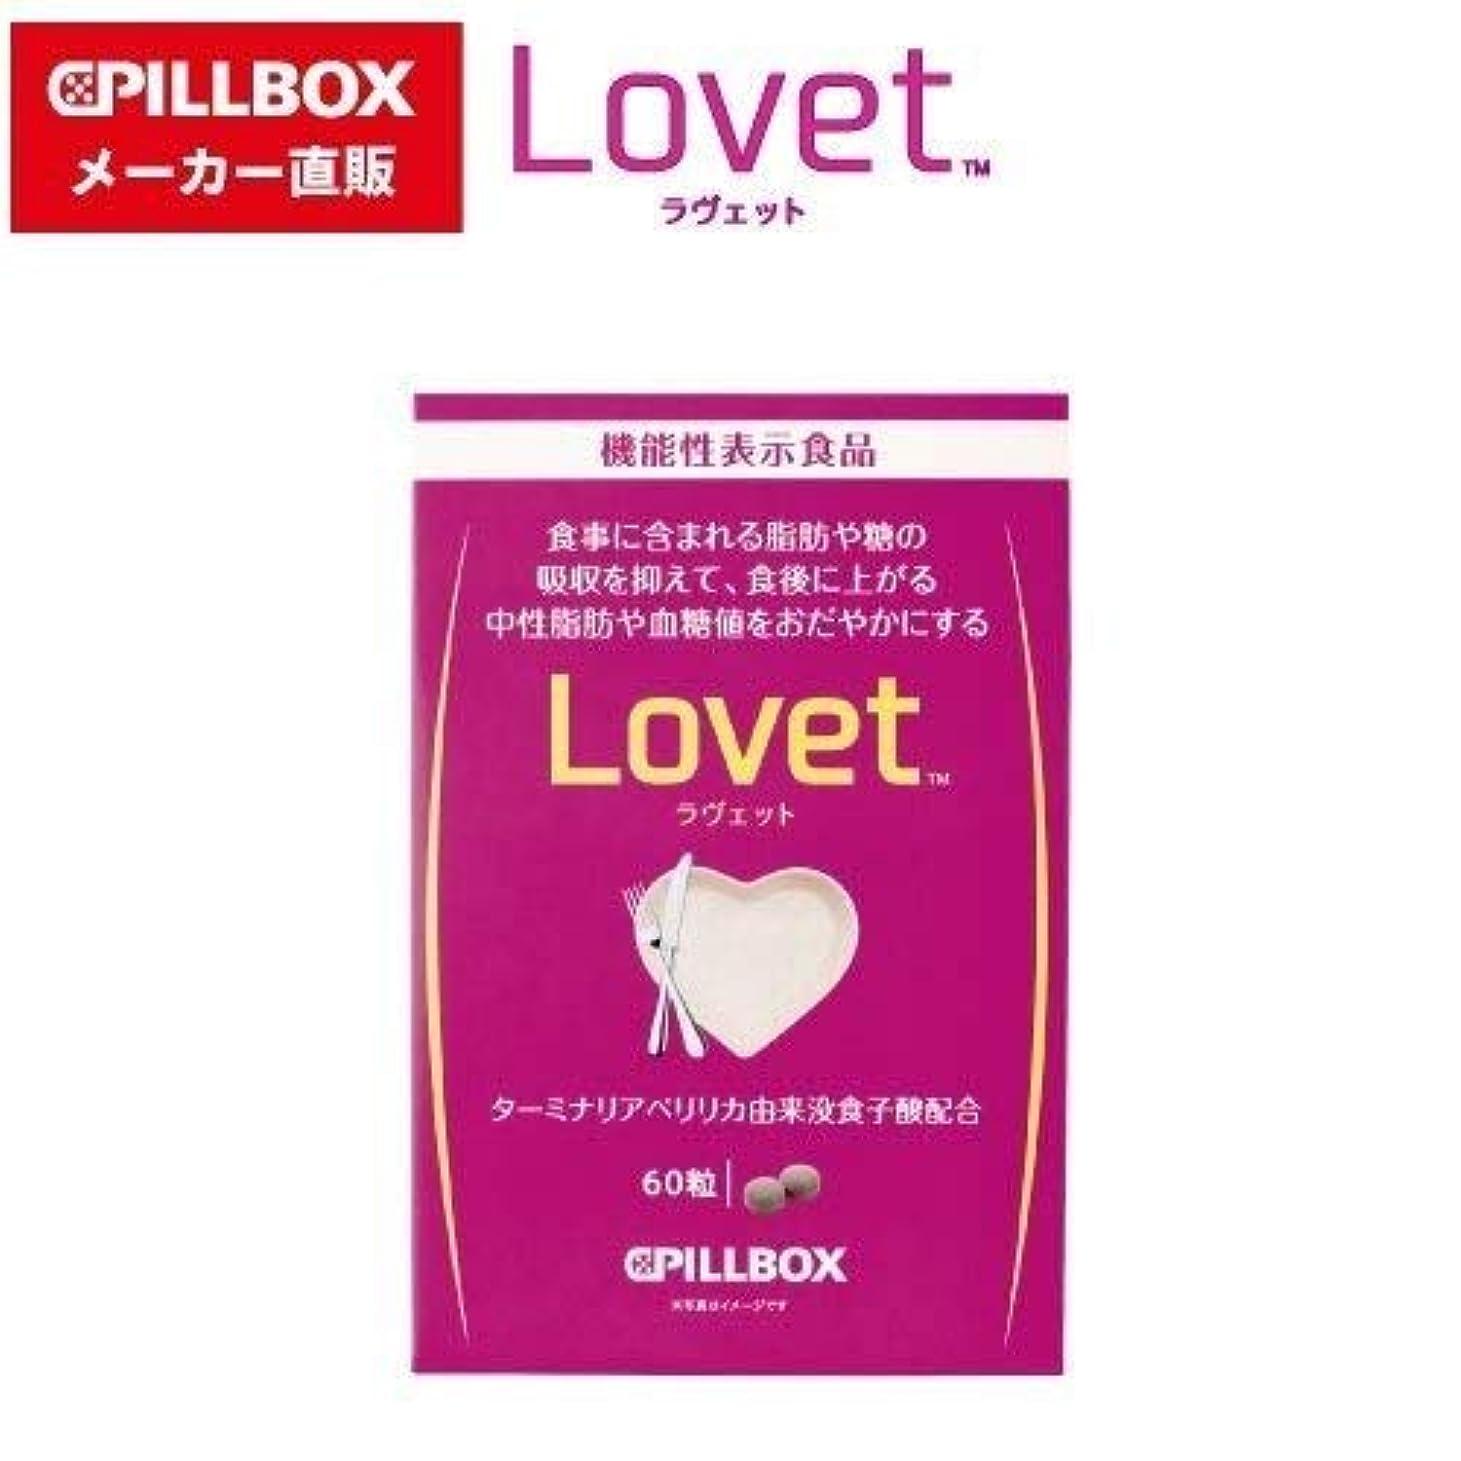 爆風毎日落胆するピルボックス Lovet(ラヴェット)60粒 5個セット